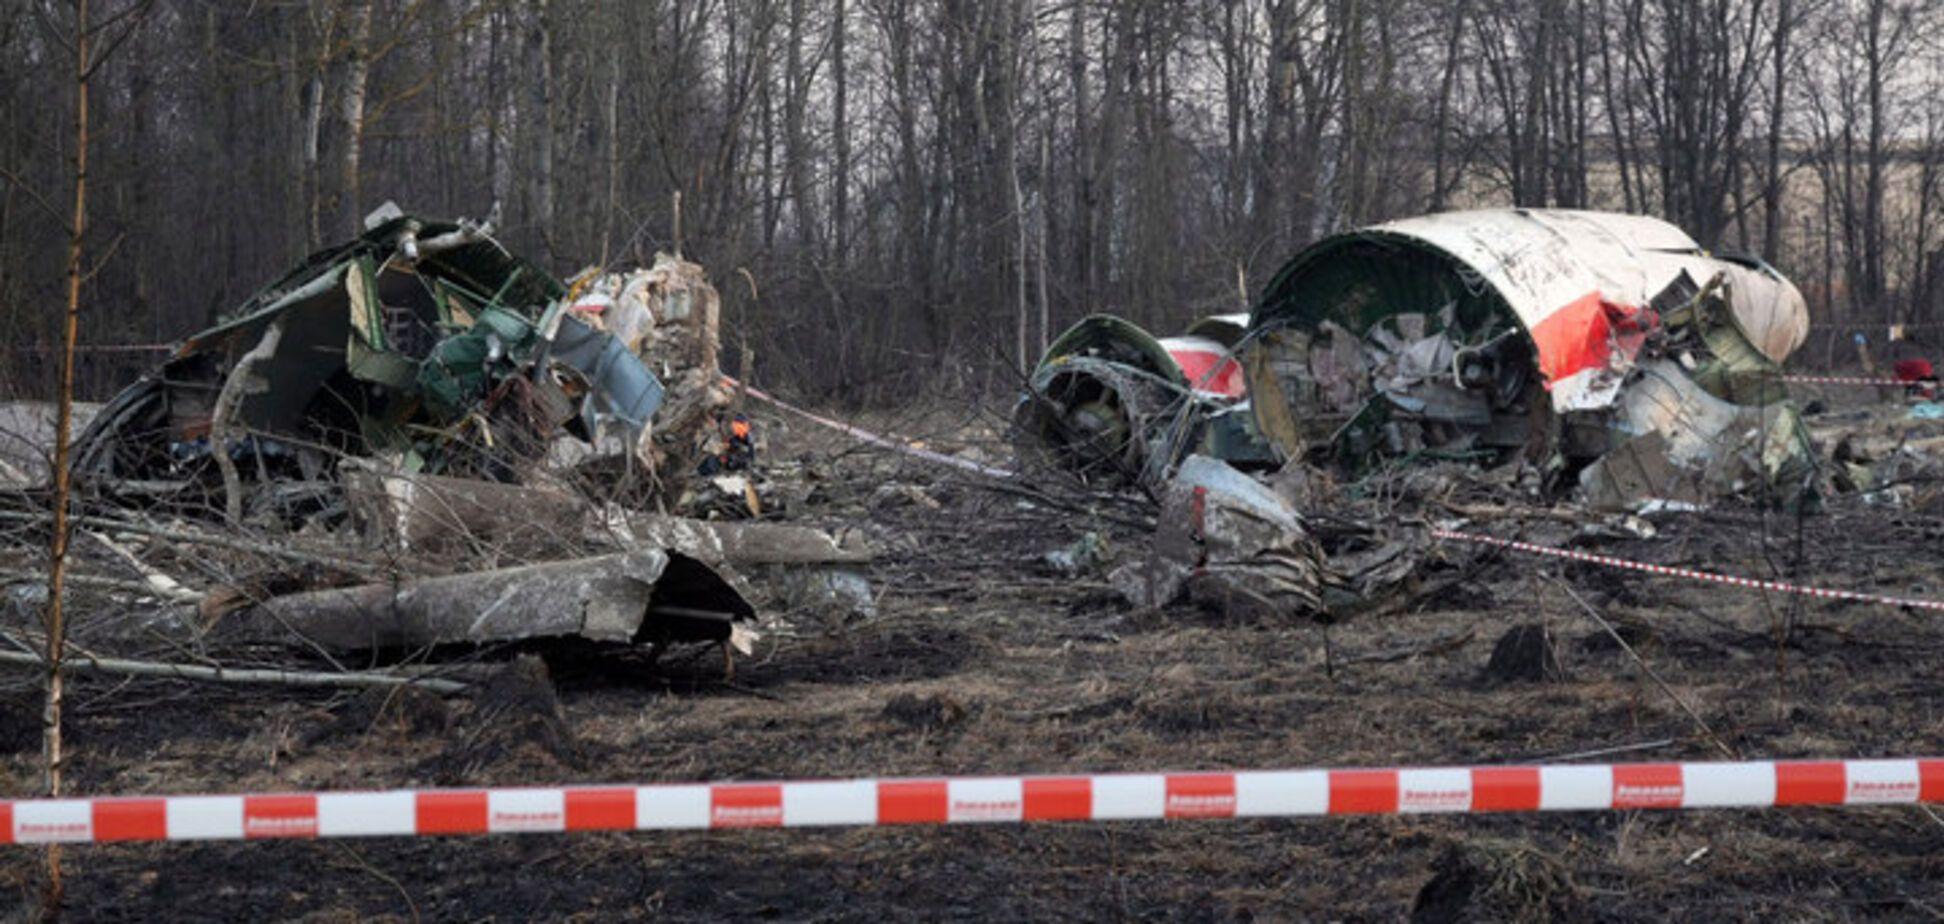 Как сбили самолет Качиньского: результаты расследования